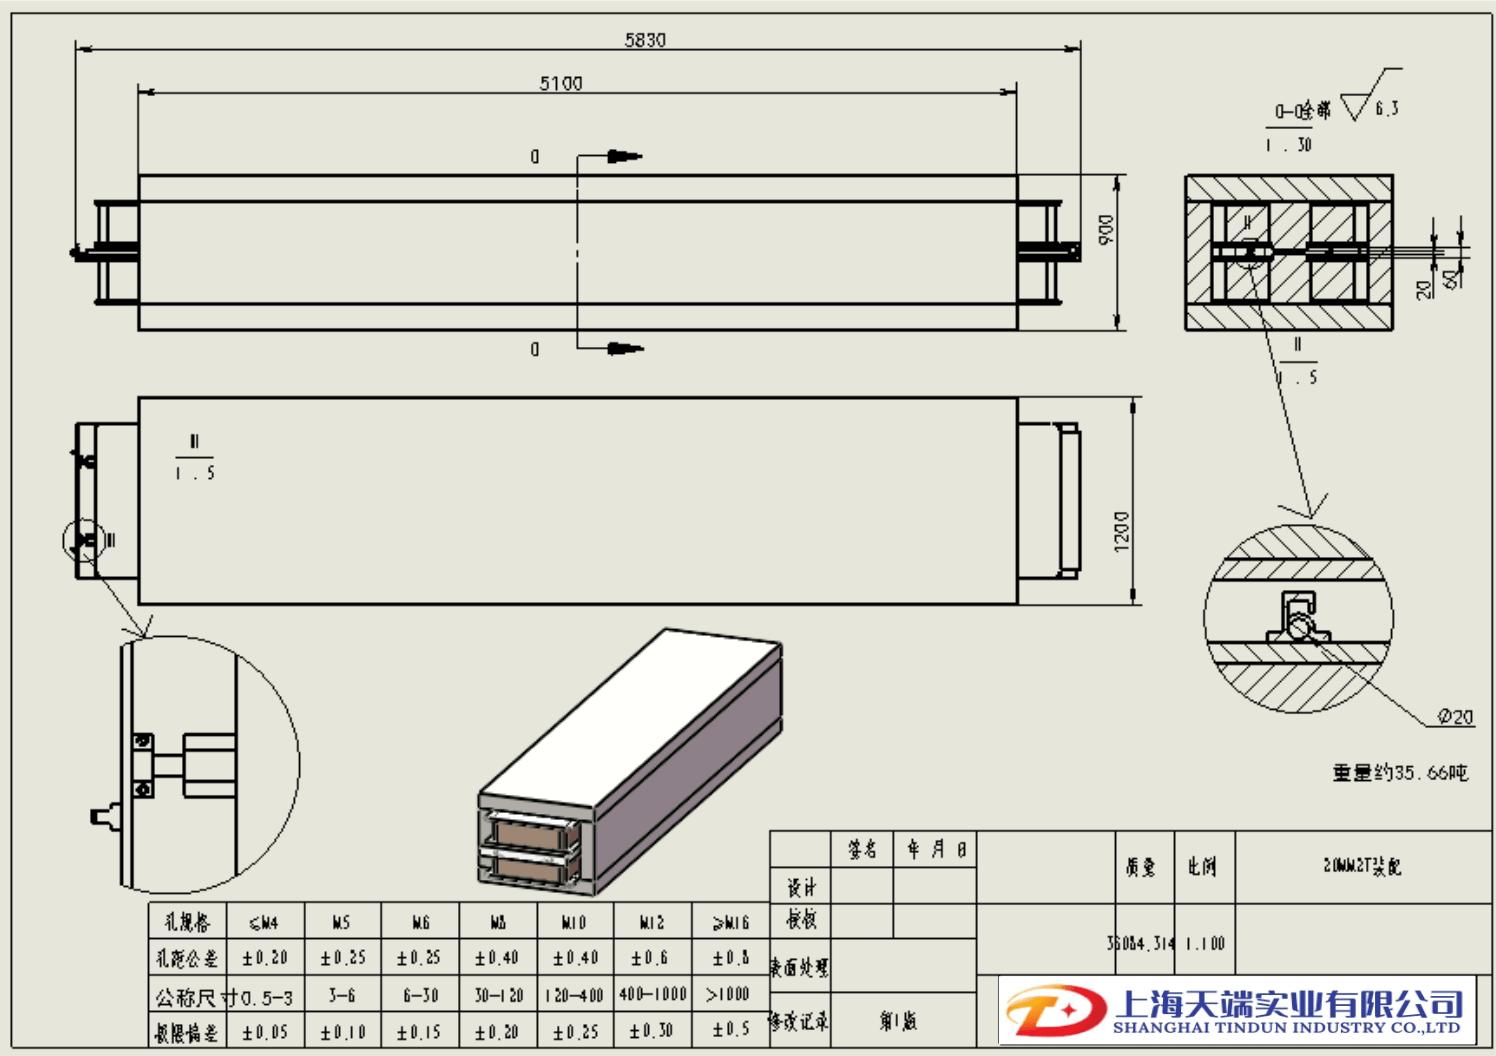 通电导线在磁场中运动大型实验电磁铁设备(图1)